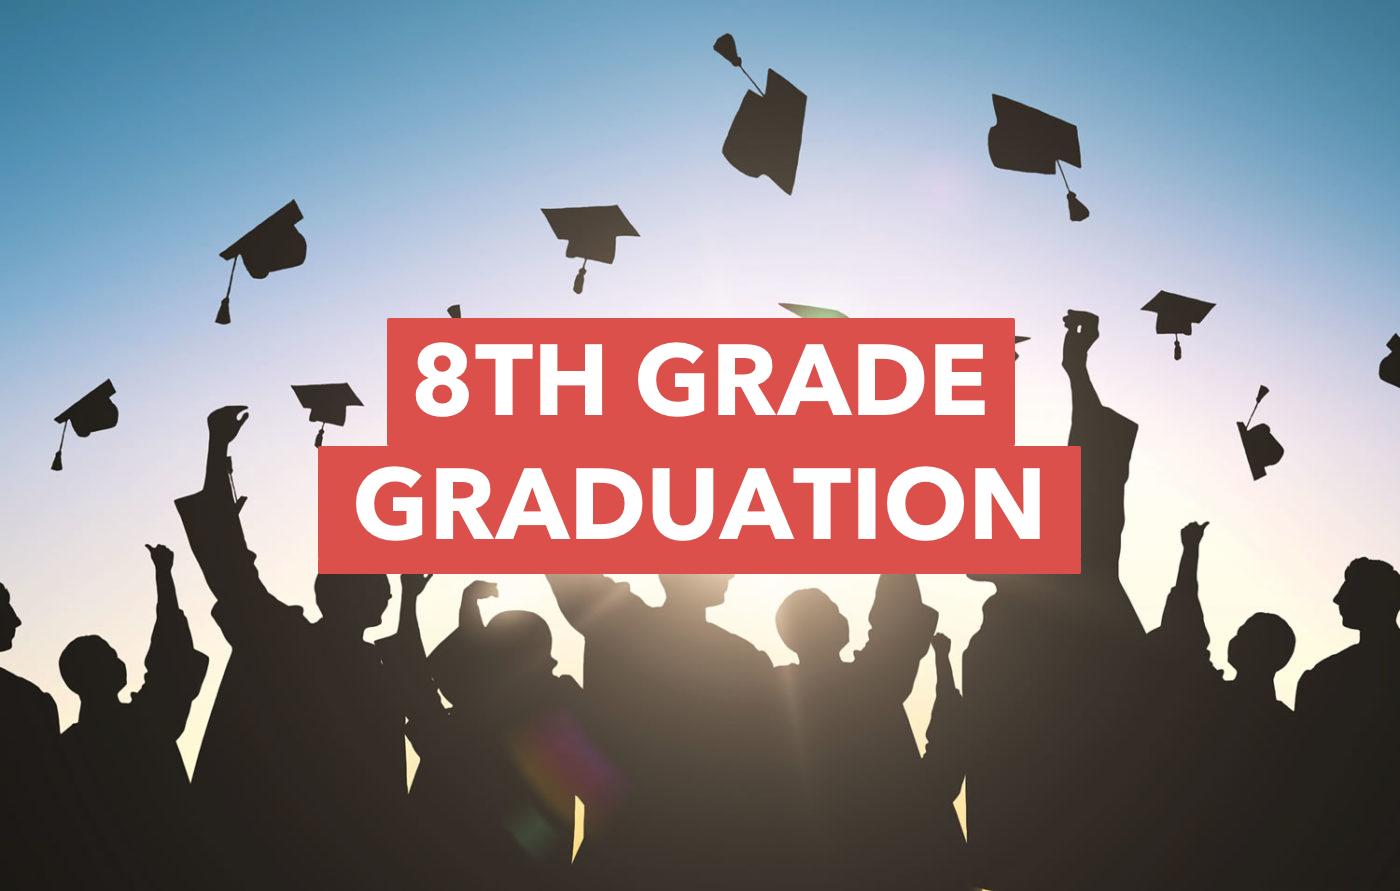 8th+grade+graduation.jpg